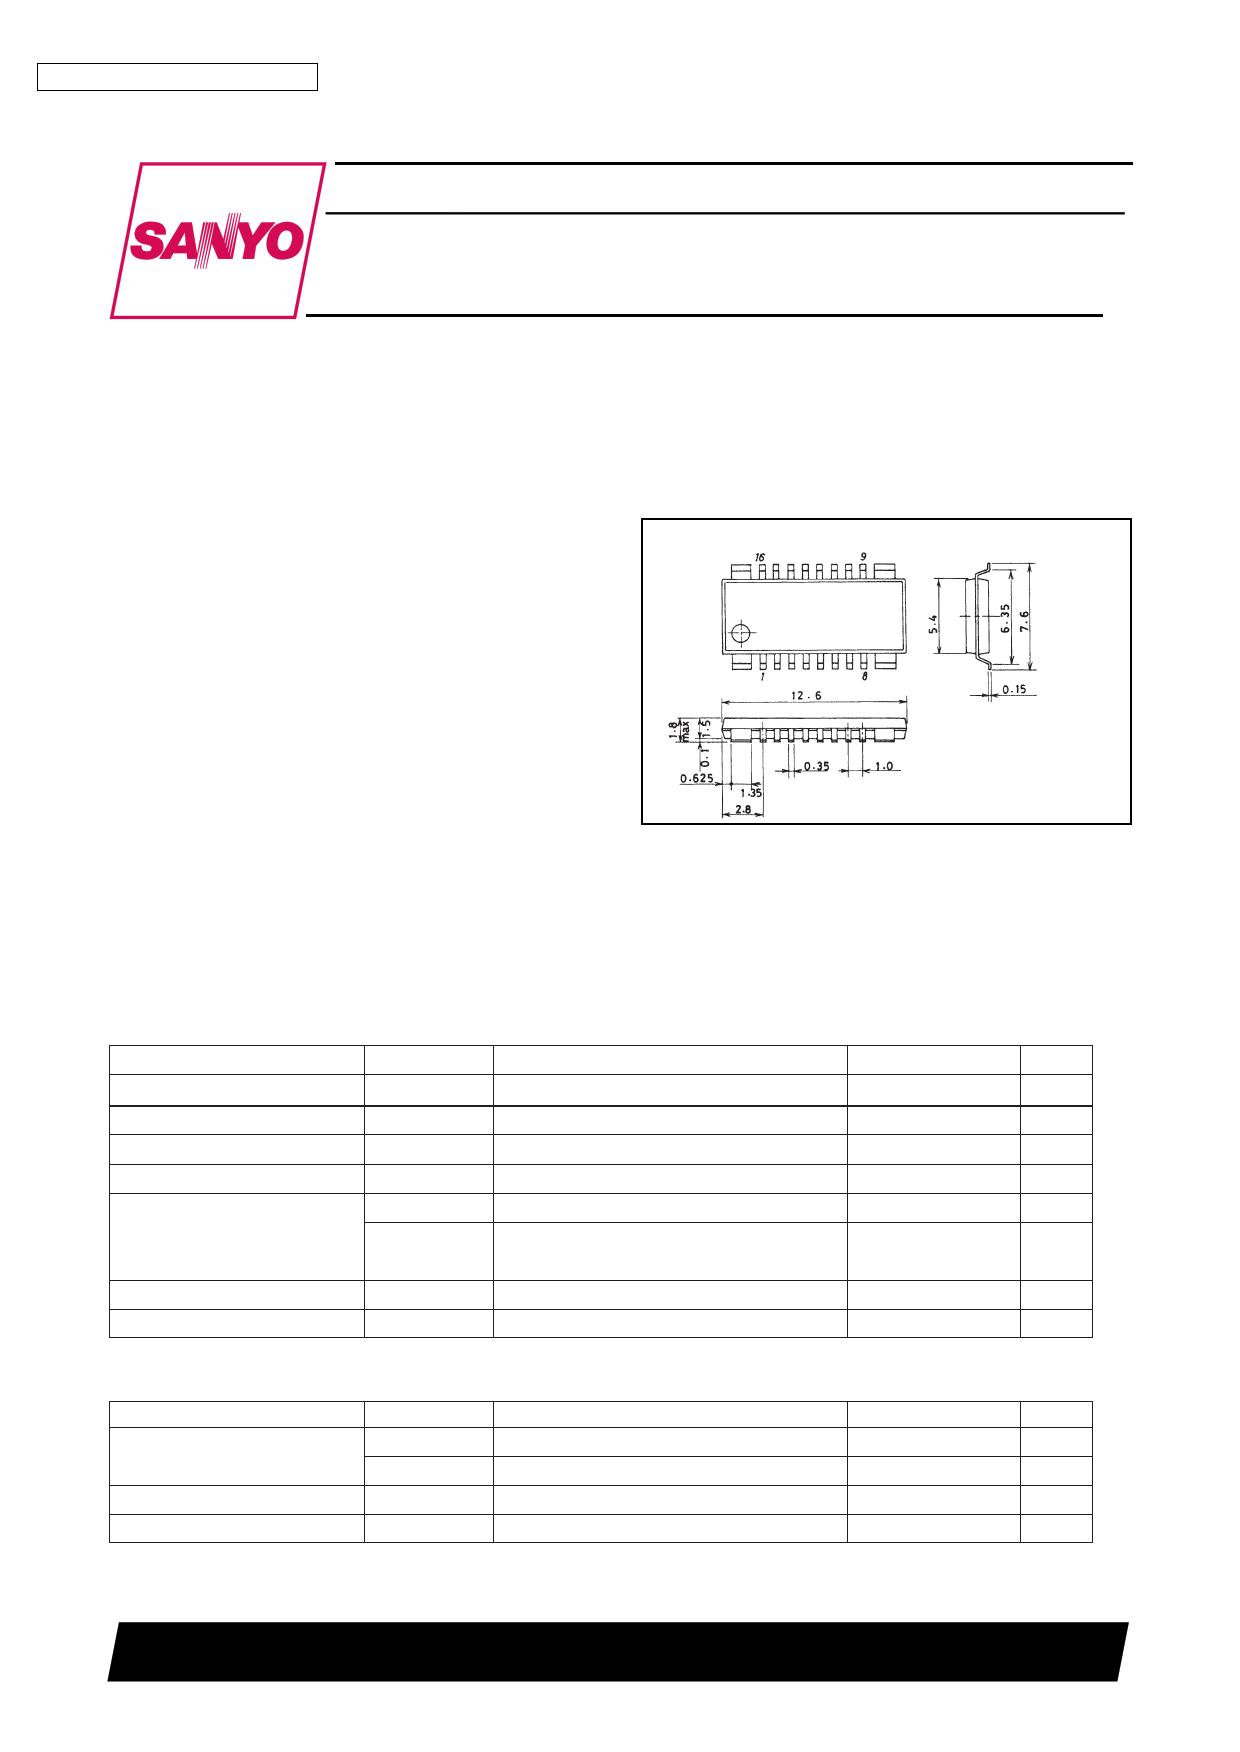 LB1834M datasheet